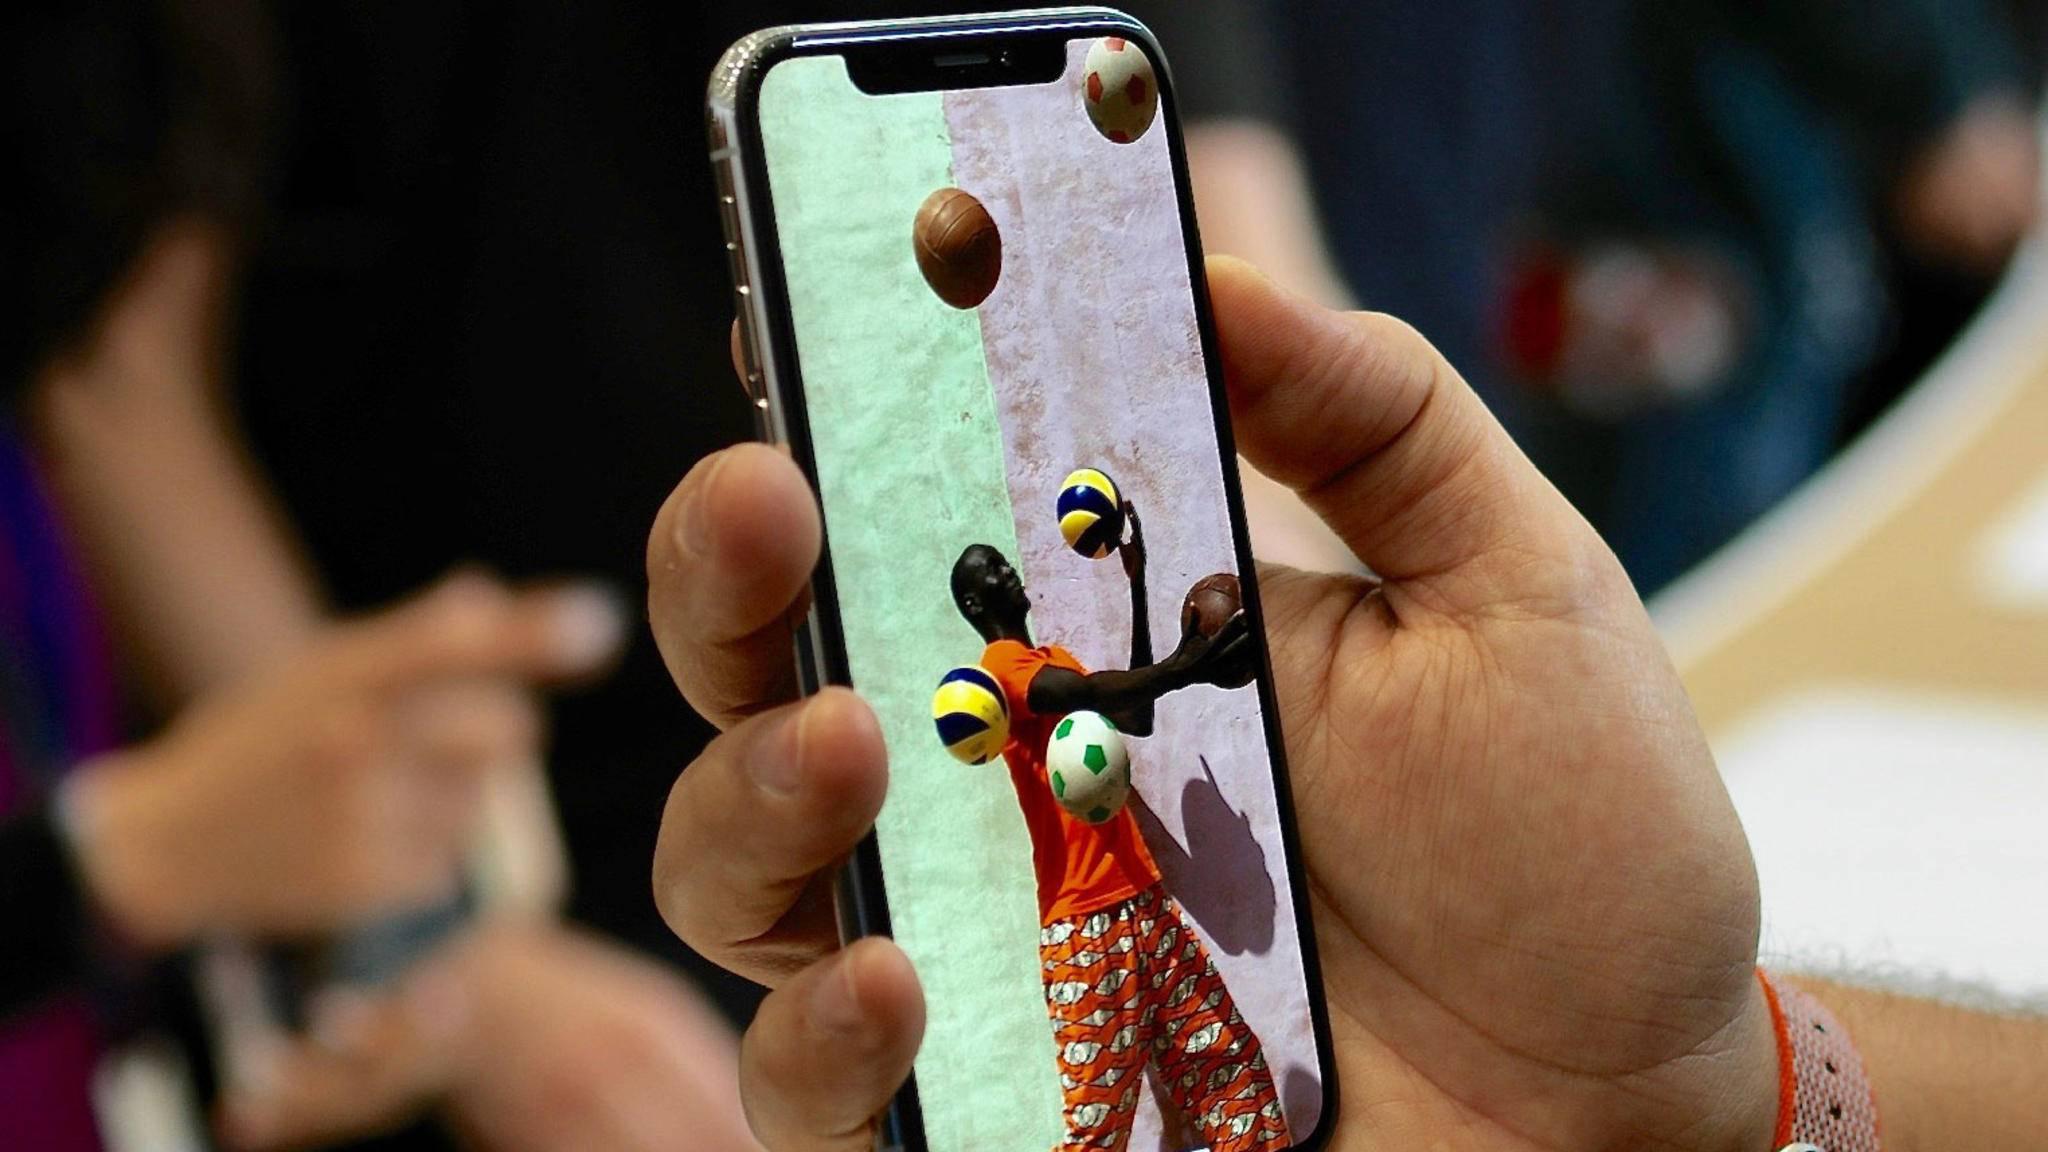 Trotz hohem Preis: Das iPhone X scheint heiß begehrt.